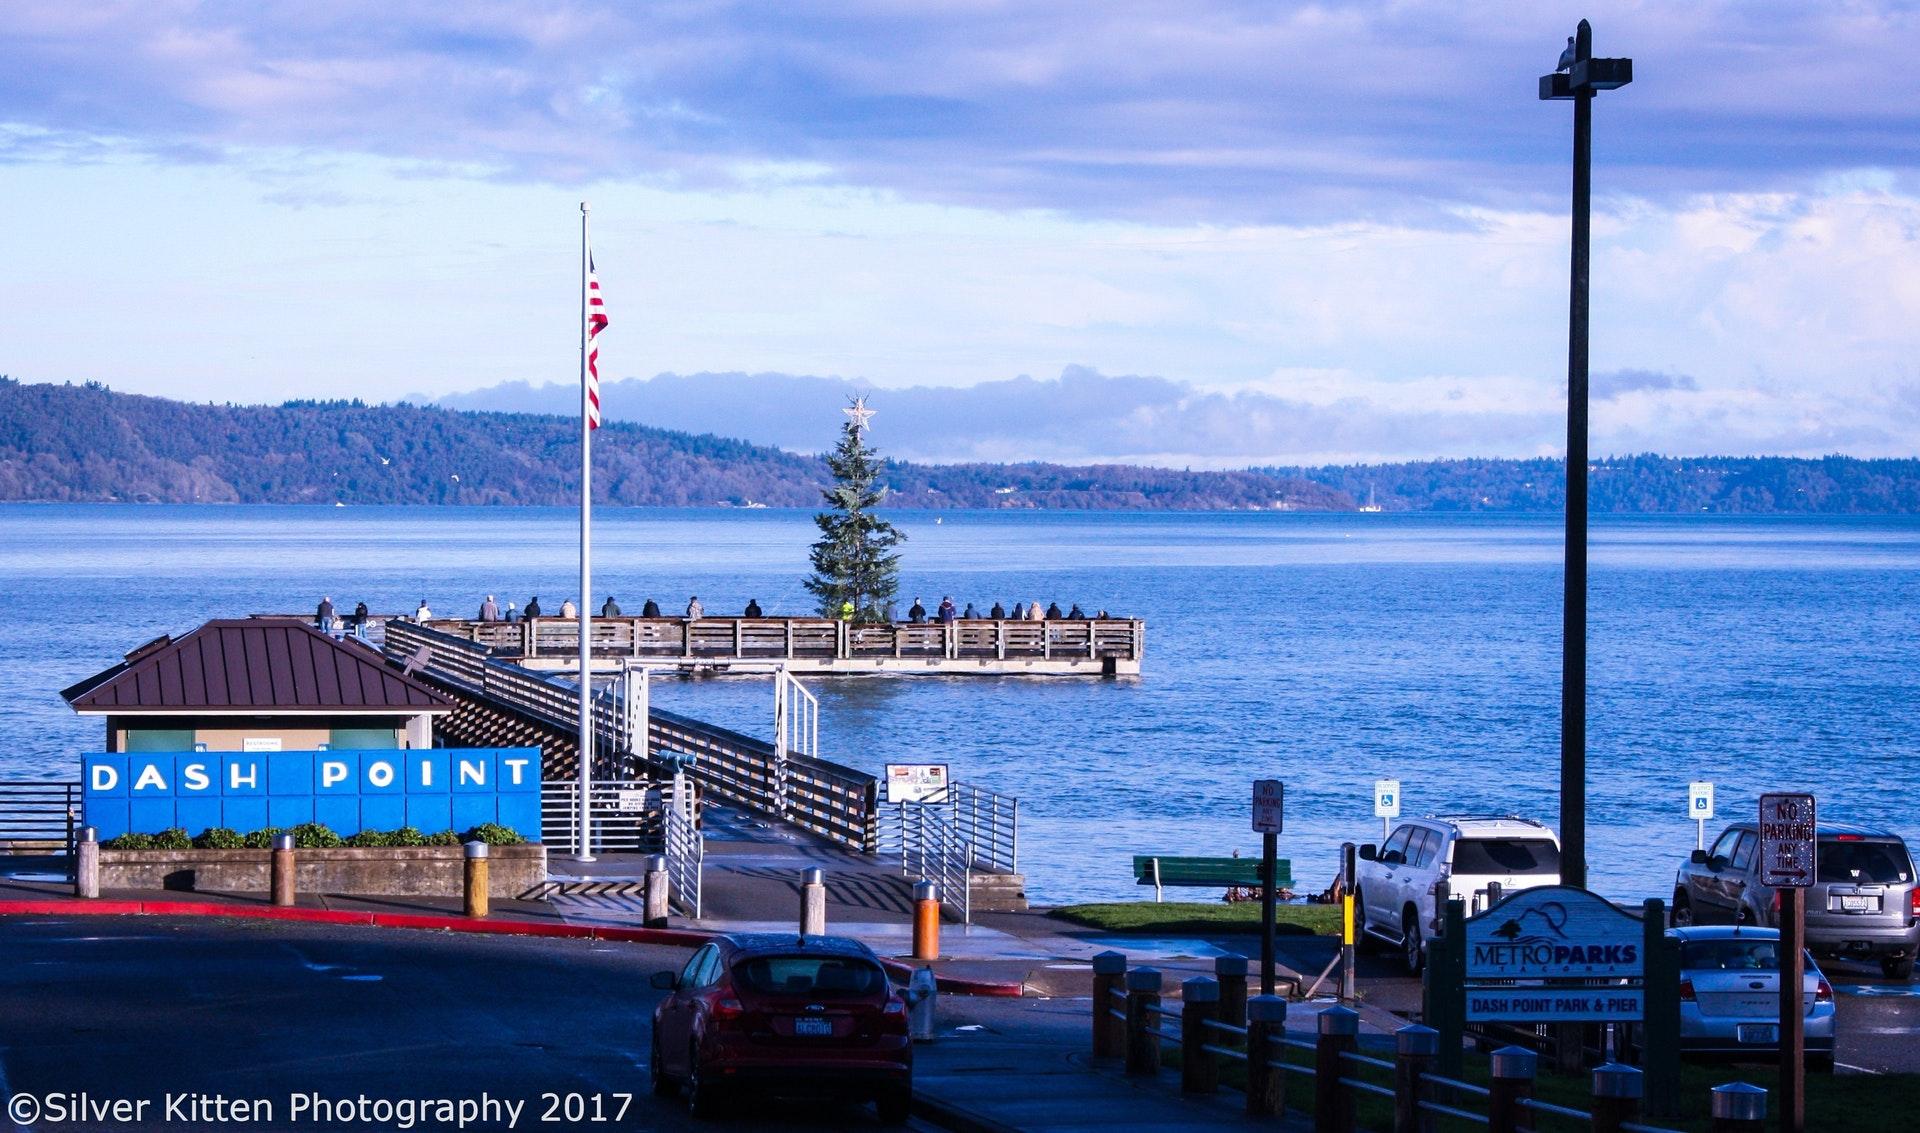 Частный односемейный дом для того Продажа на Luxury Duplex in Waterfront Community! 1412 Beach Dr NE #A&#B Tacoma, Вашингтон 98422 Соединенные Штаты